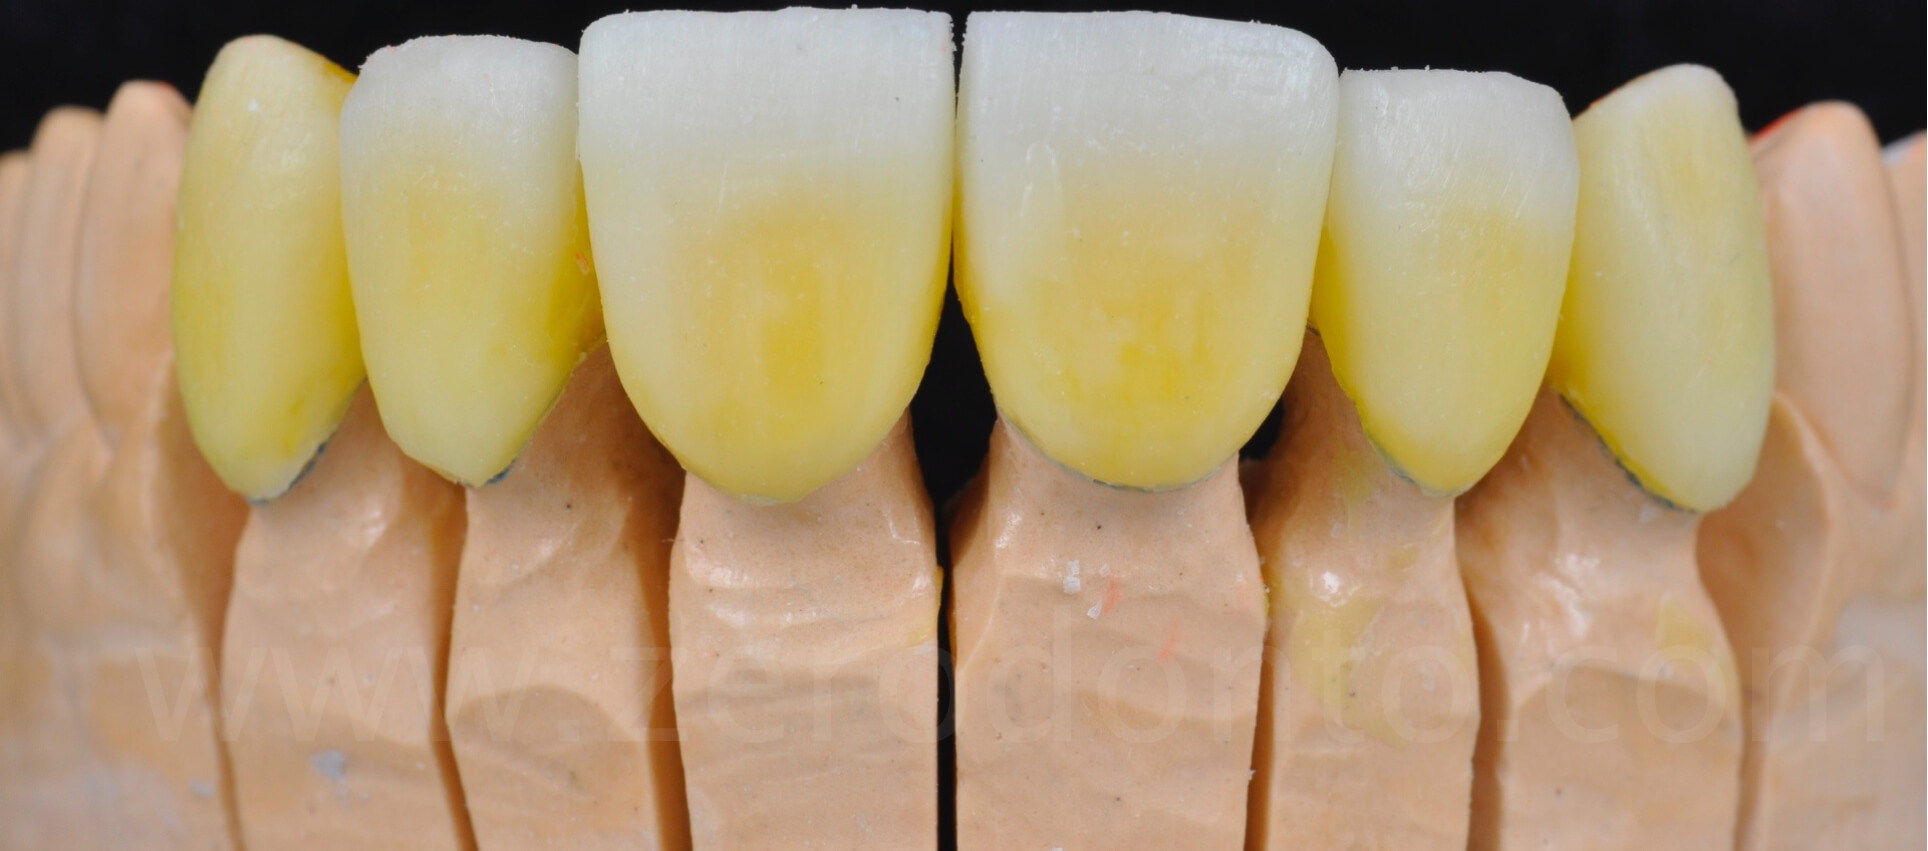 lithium disilicate anterior full-veneers